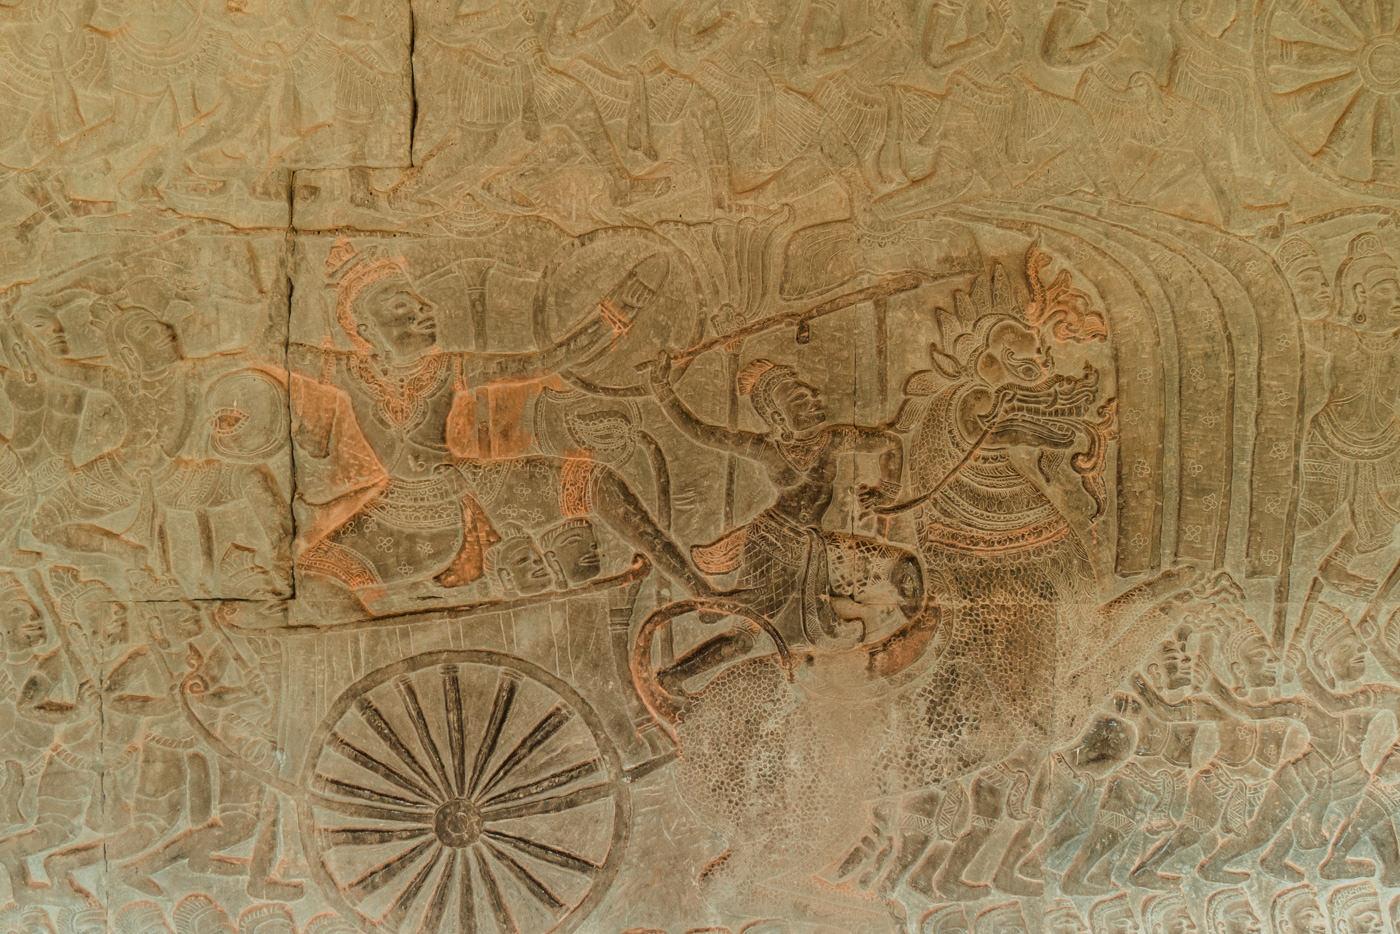 Wandgemälde in Angkor Wat